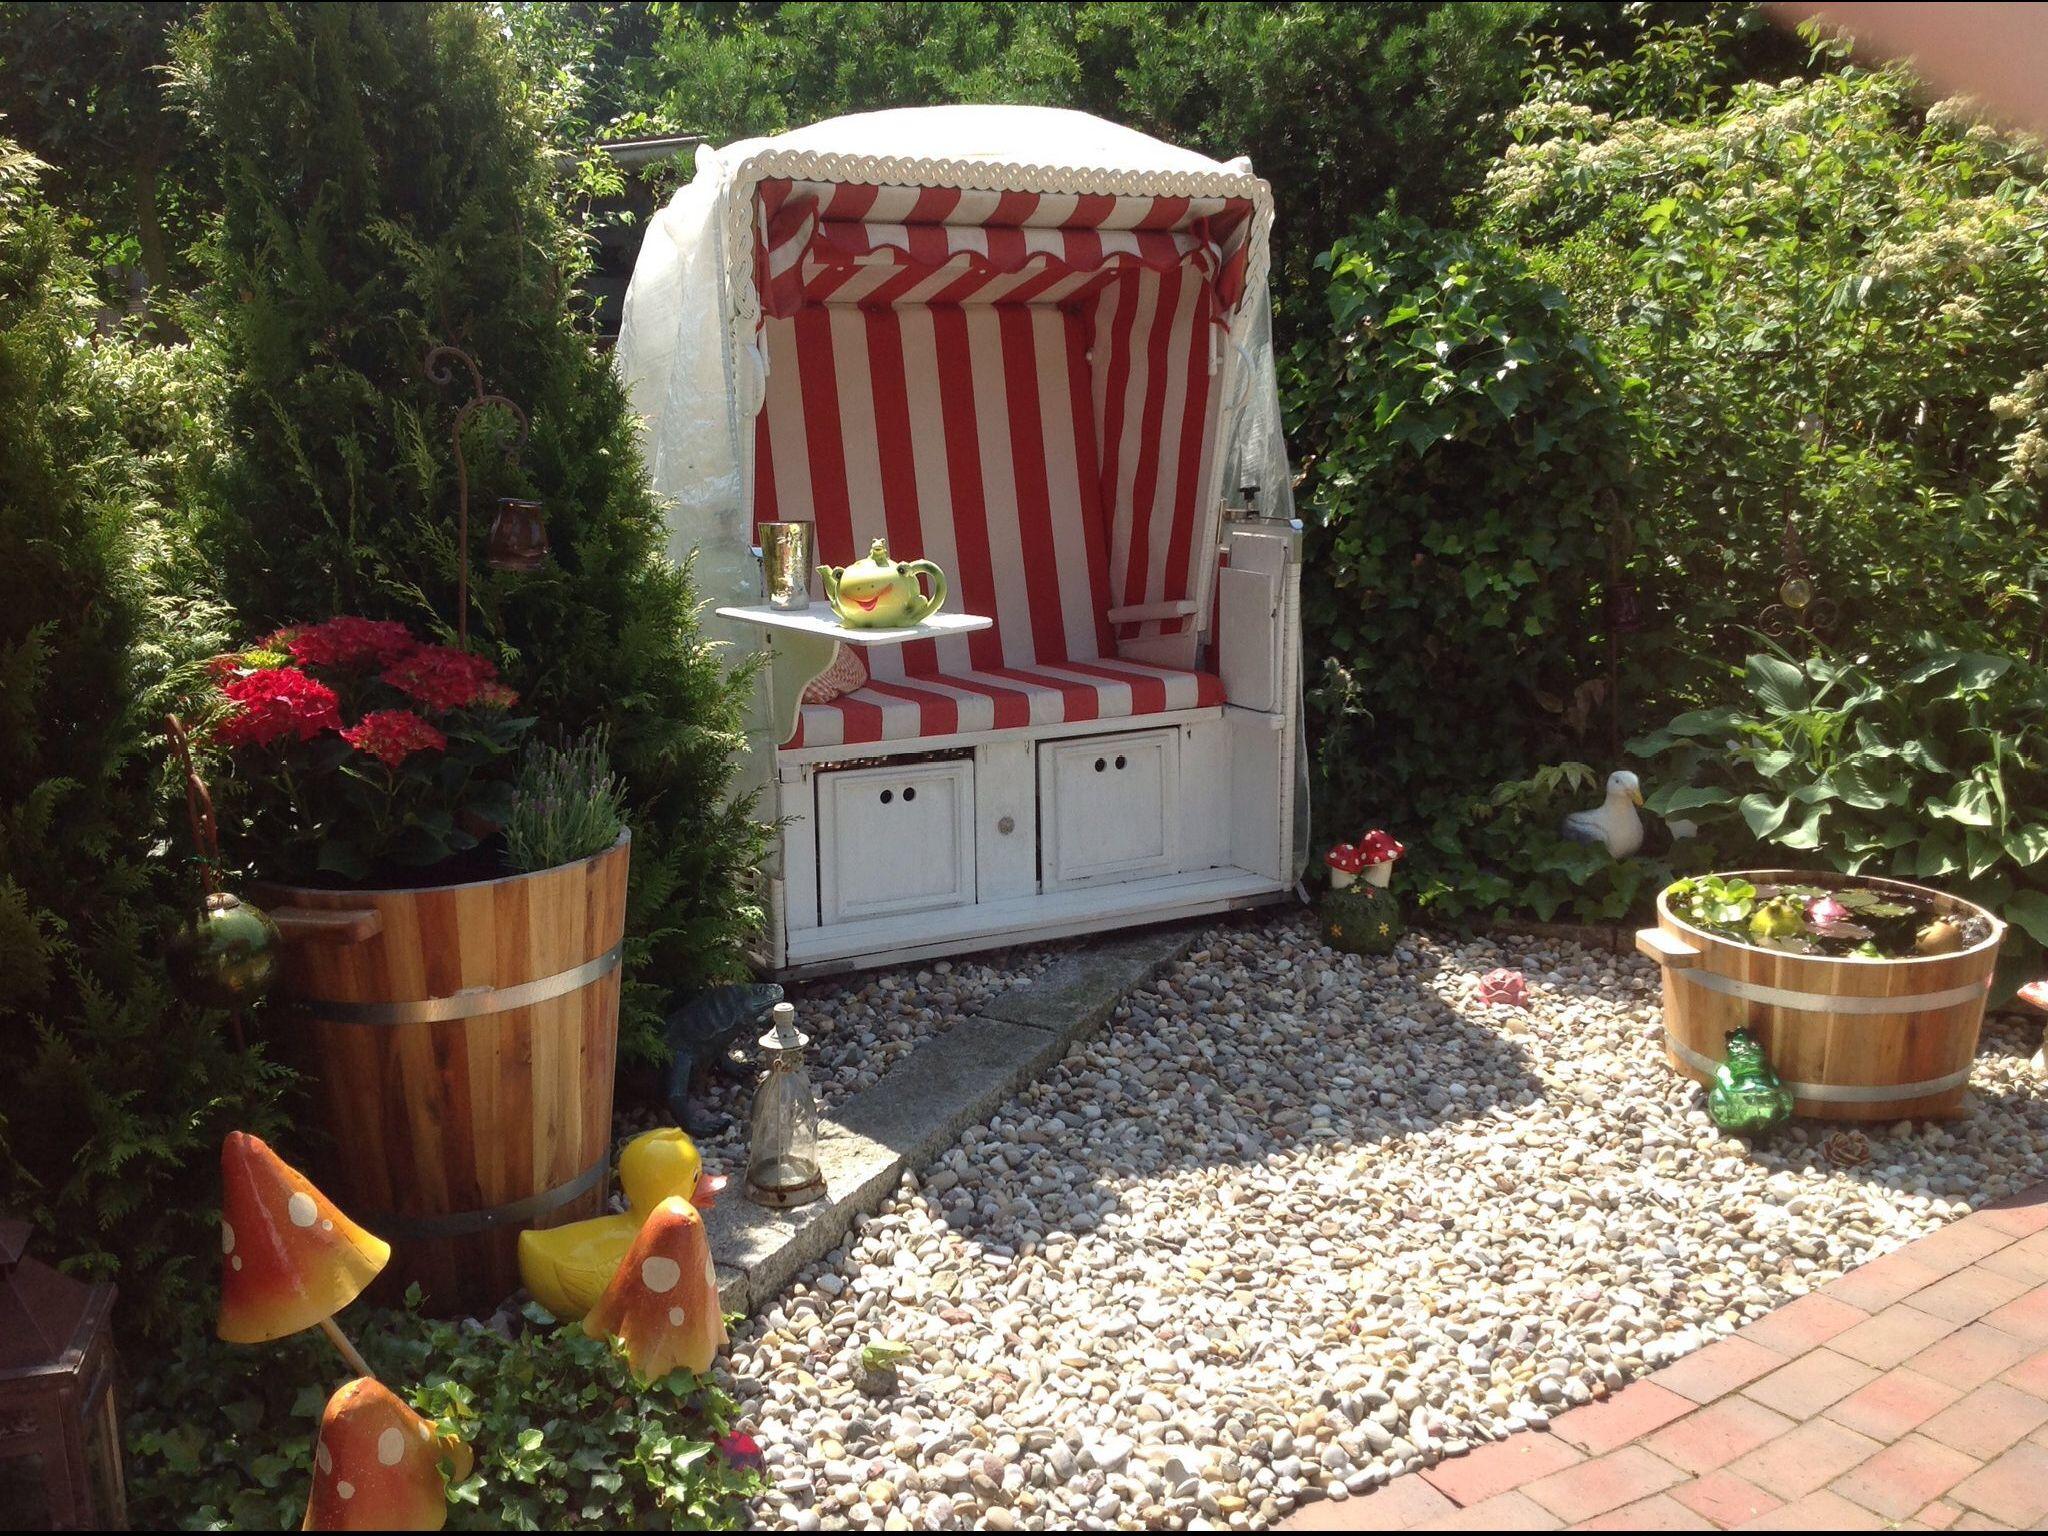 Strandkorb Garten Garten Gestalten Shabby Chic Garten